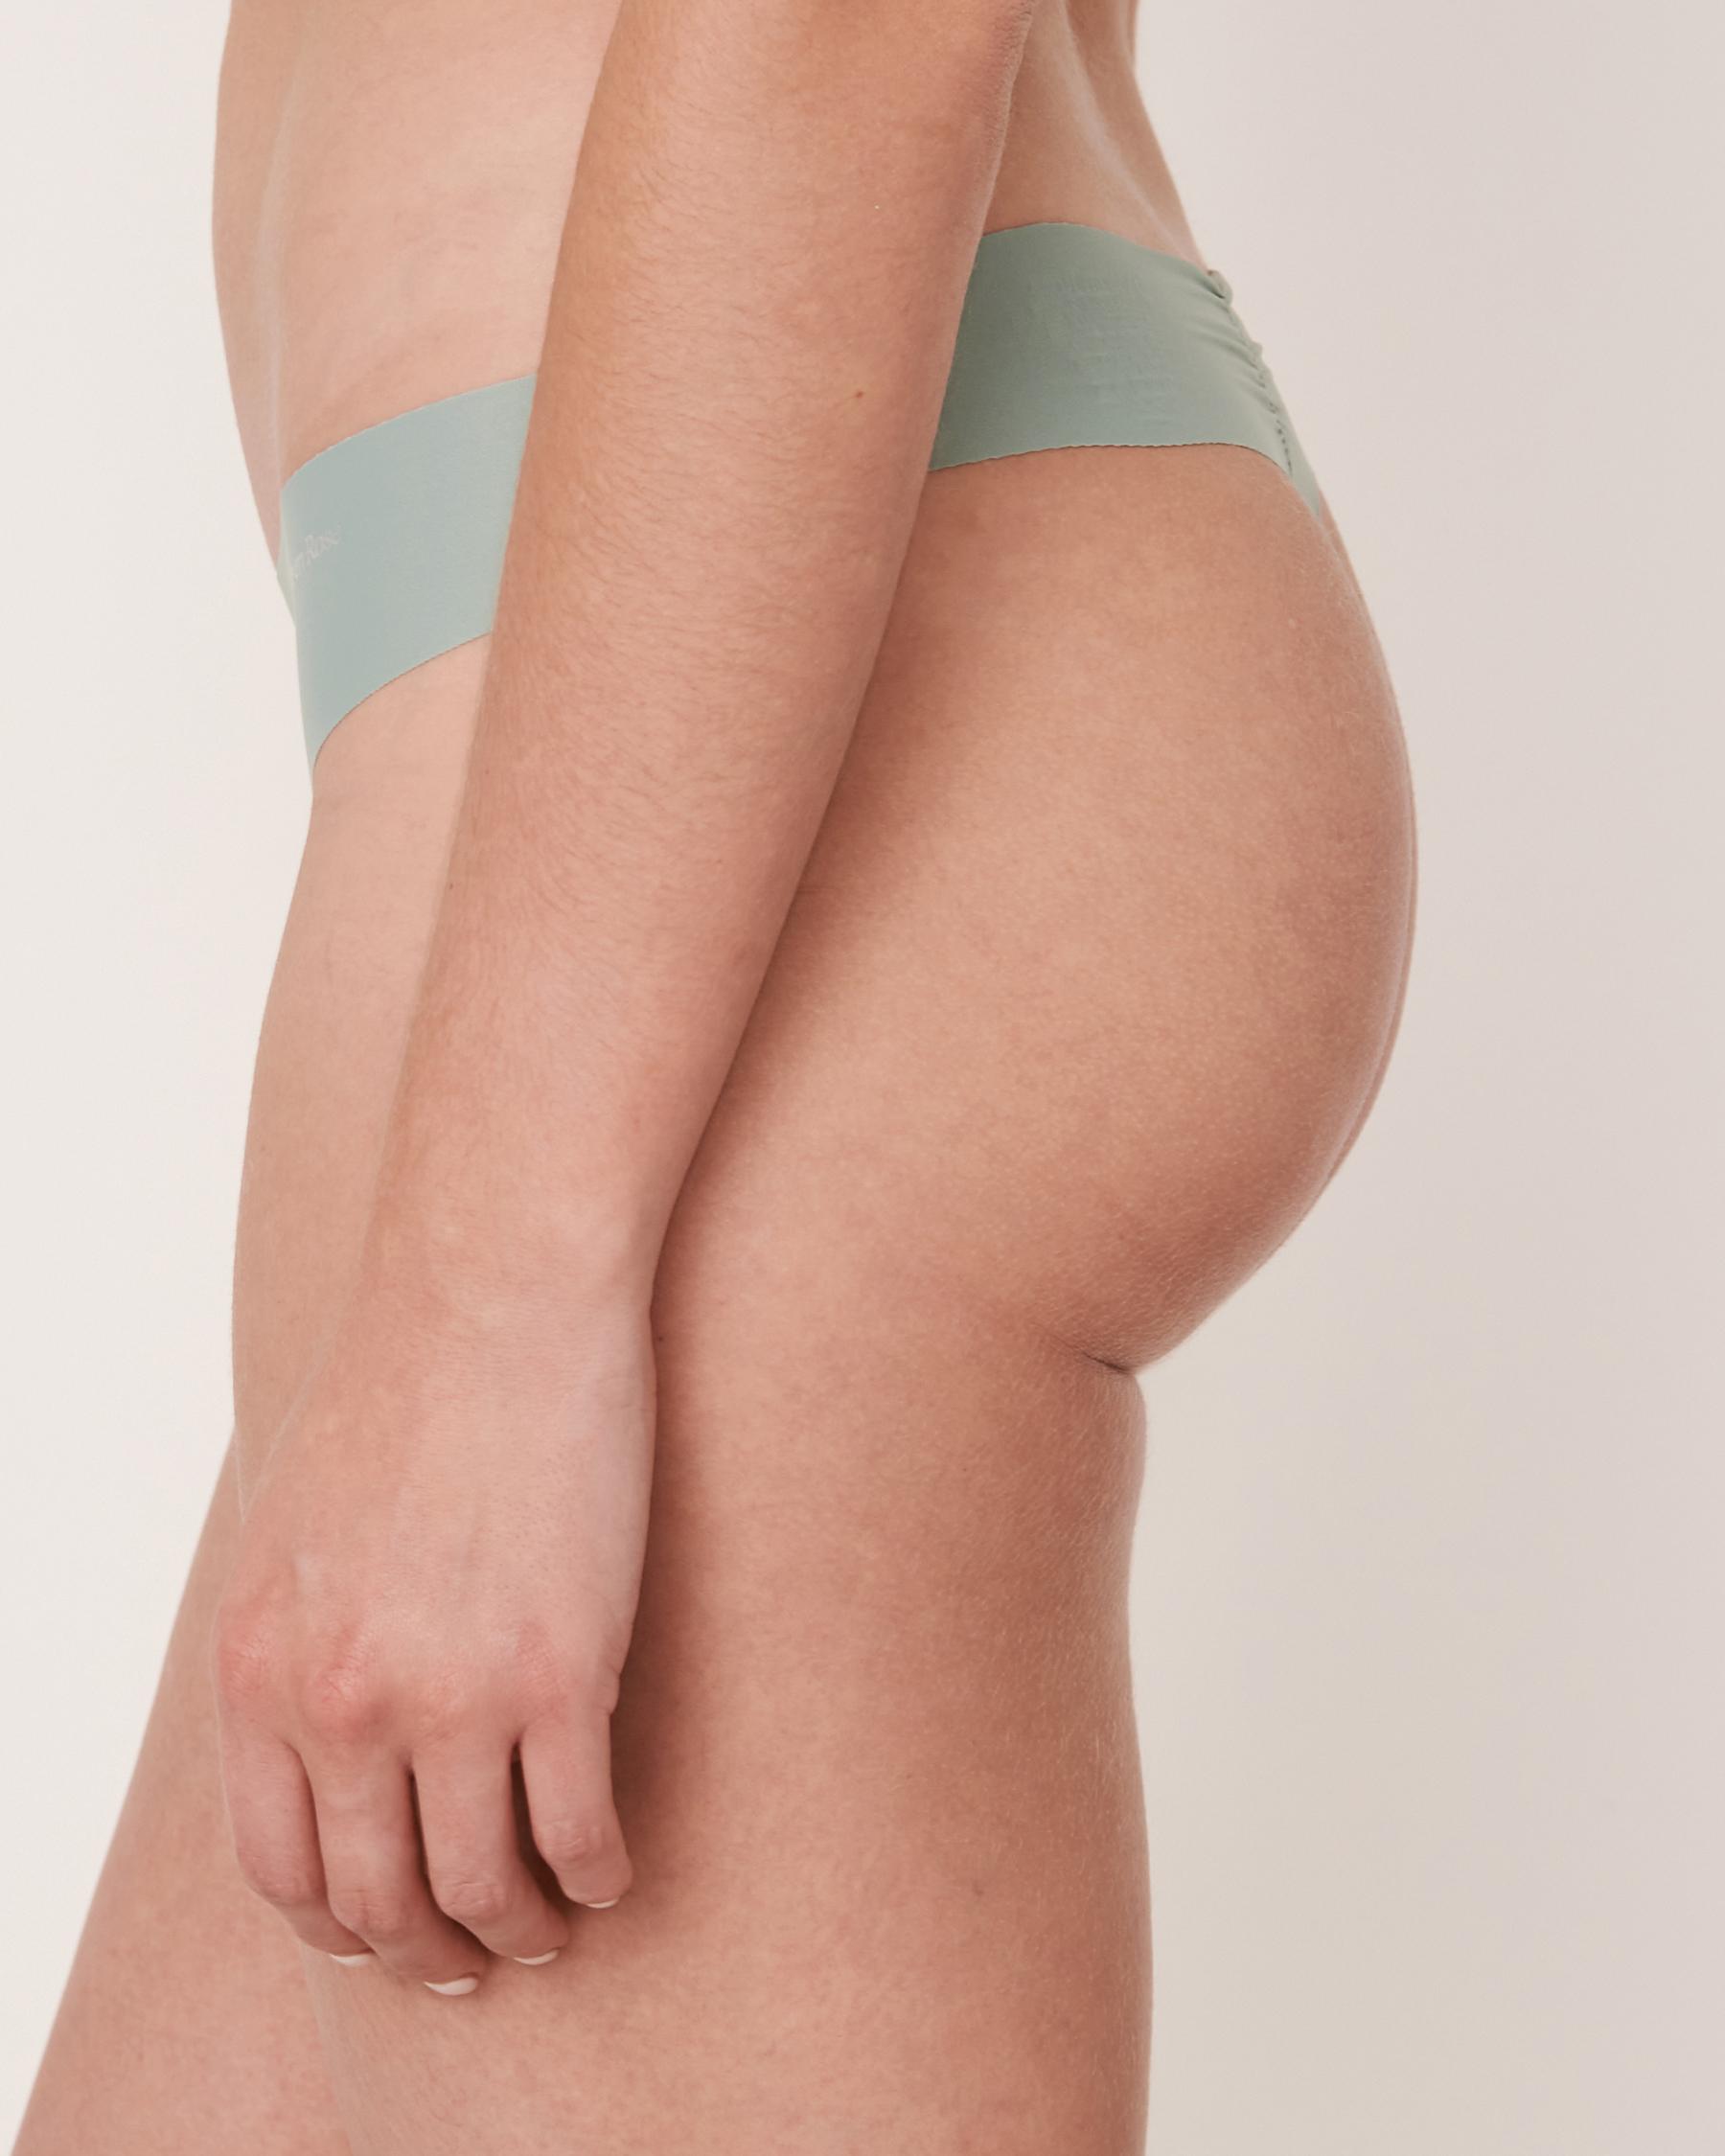 LA VIE EN ROSE Seamless Thong Panty Green 20200047 - View2